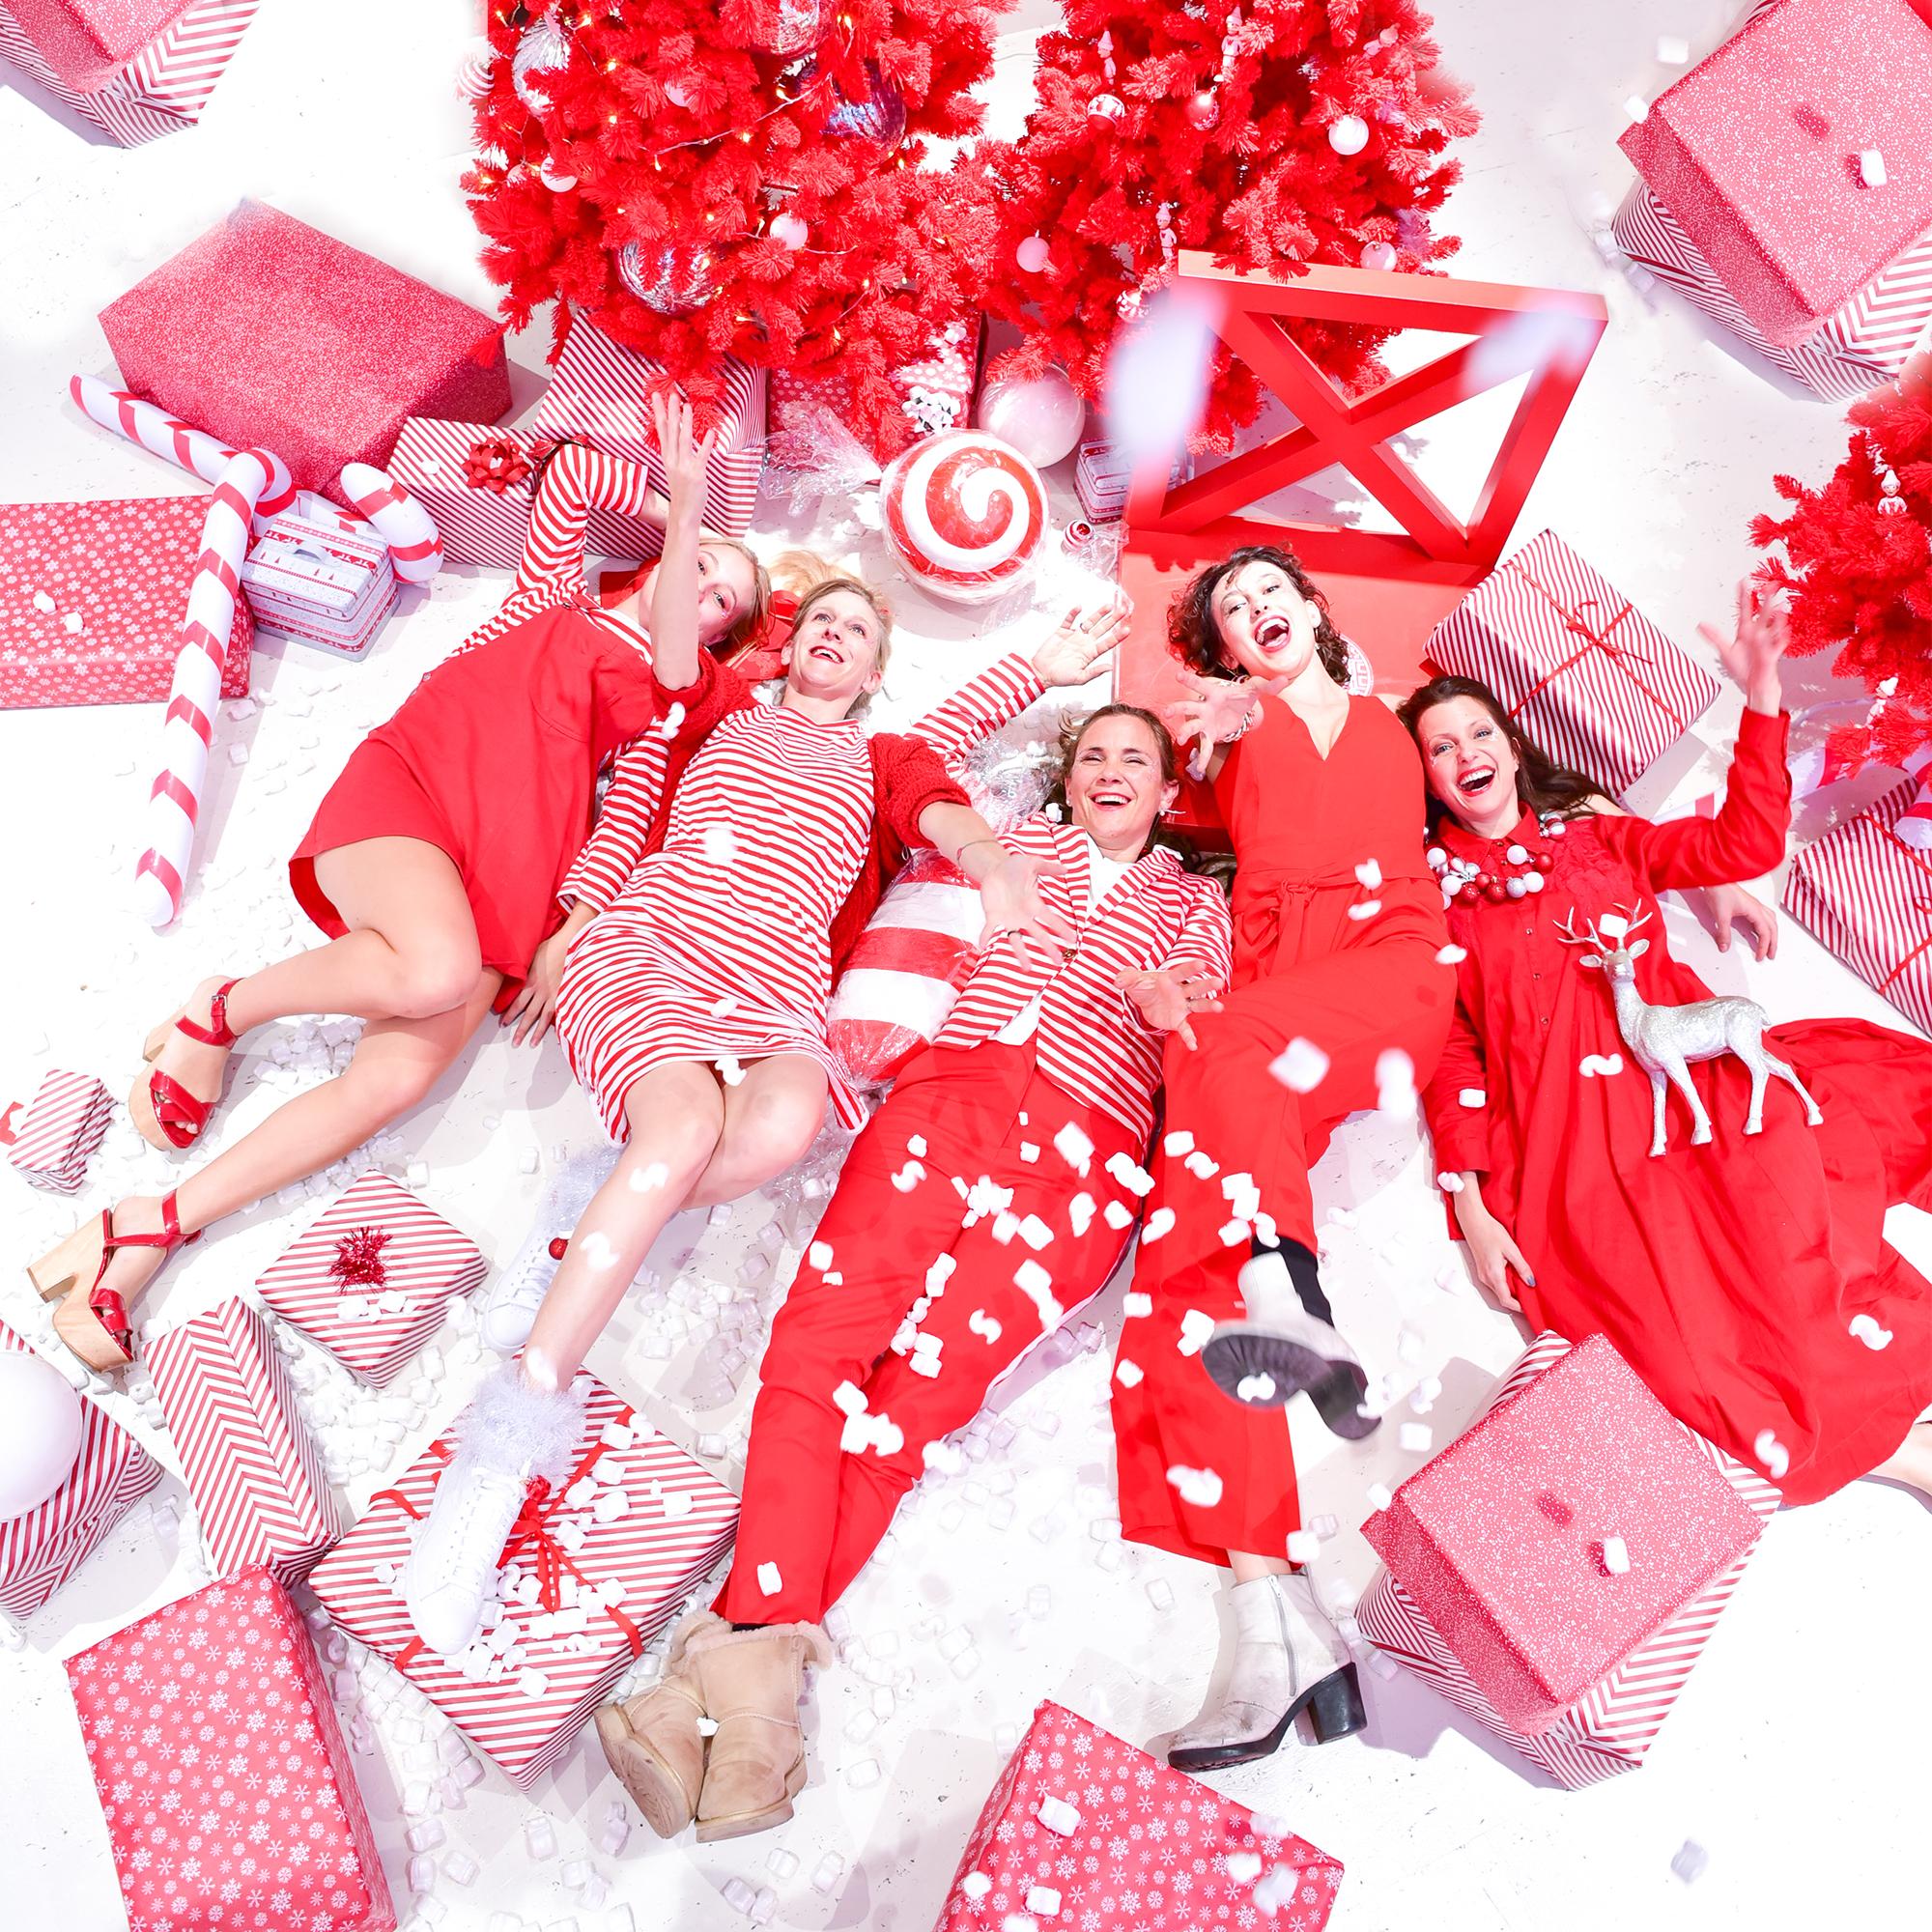 wowige Weihnachten: special Photshootings